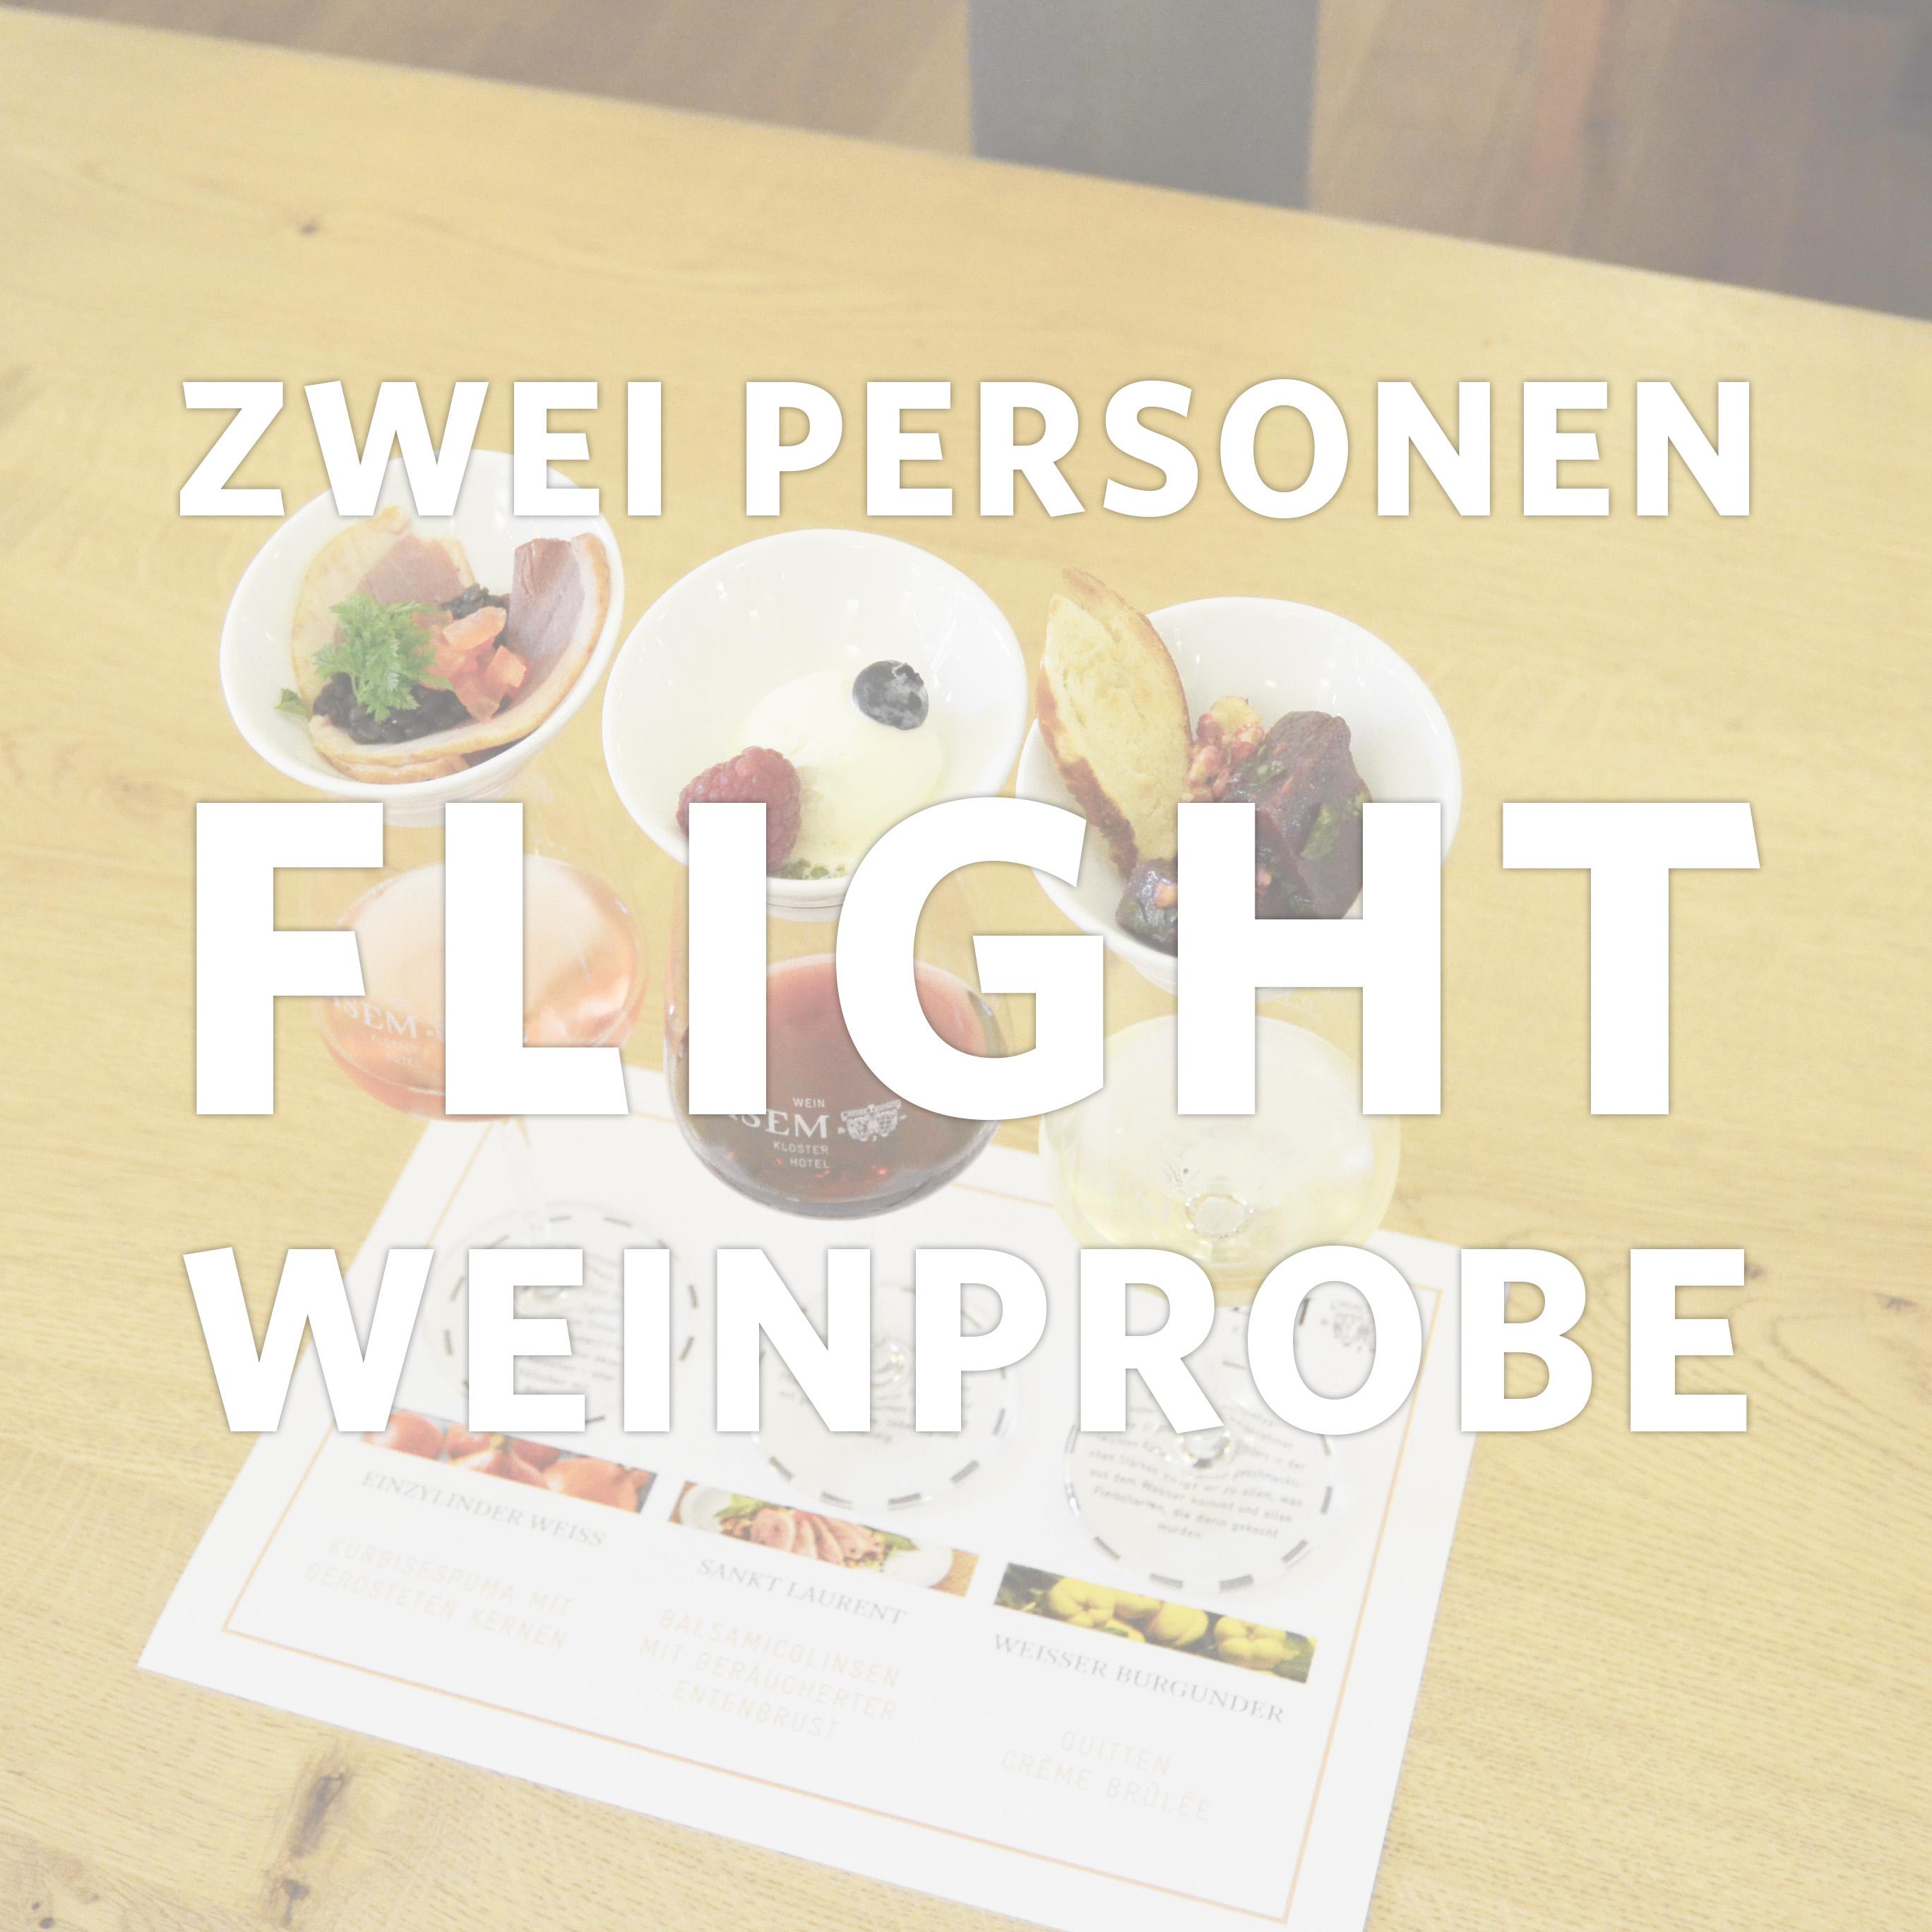 3er-Flightweinprobe für zwei Personen